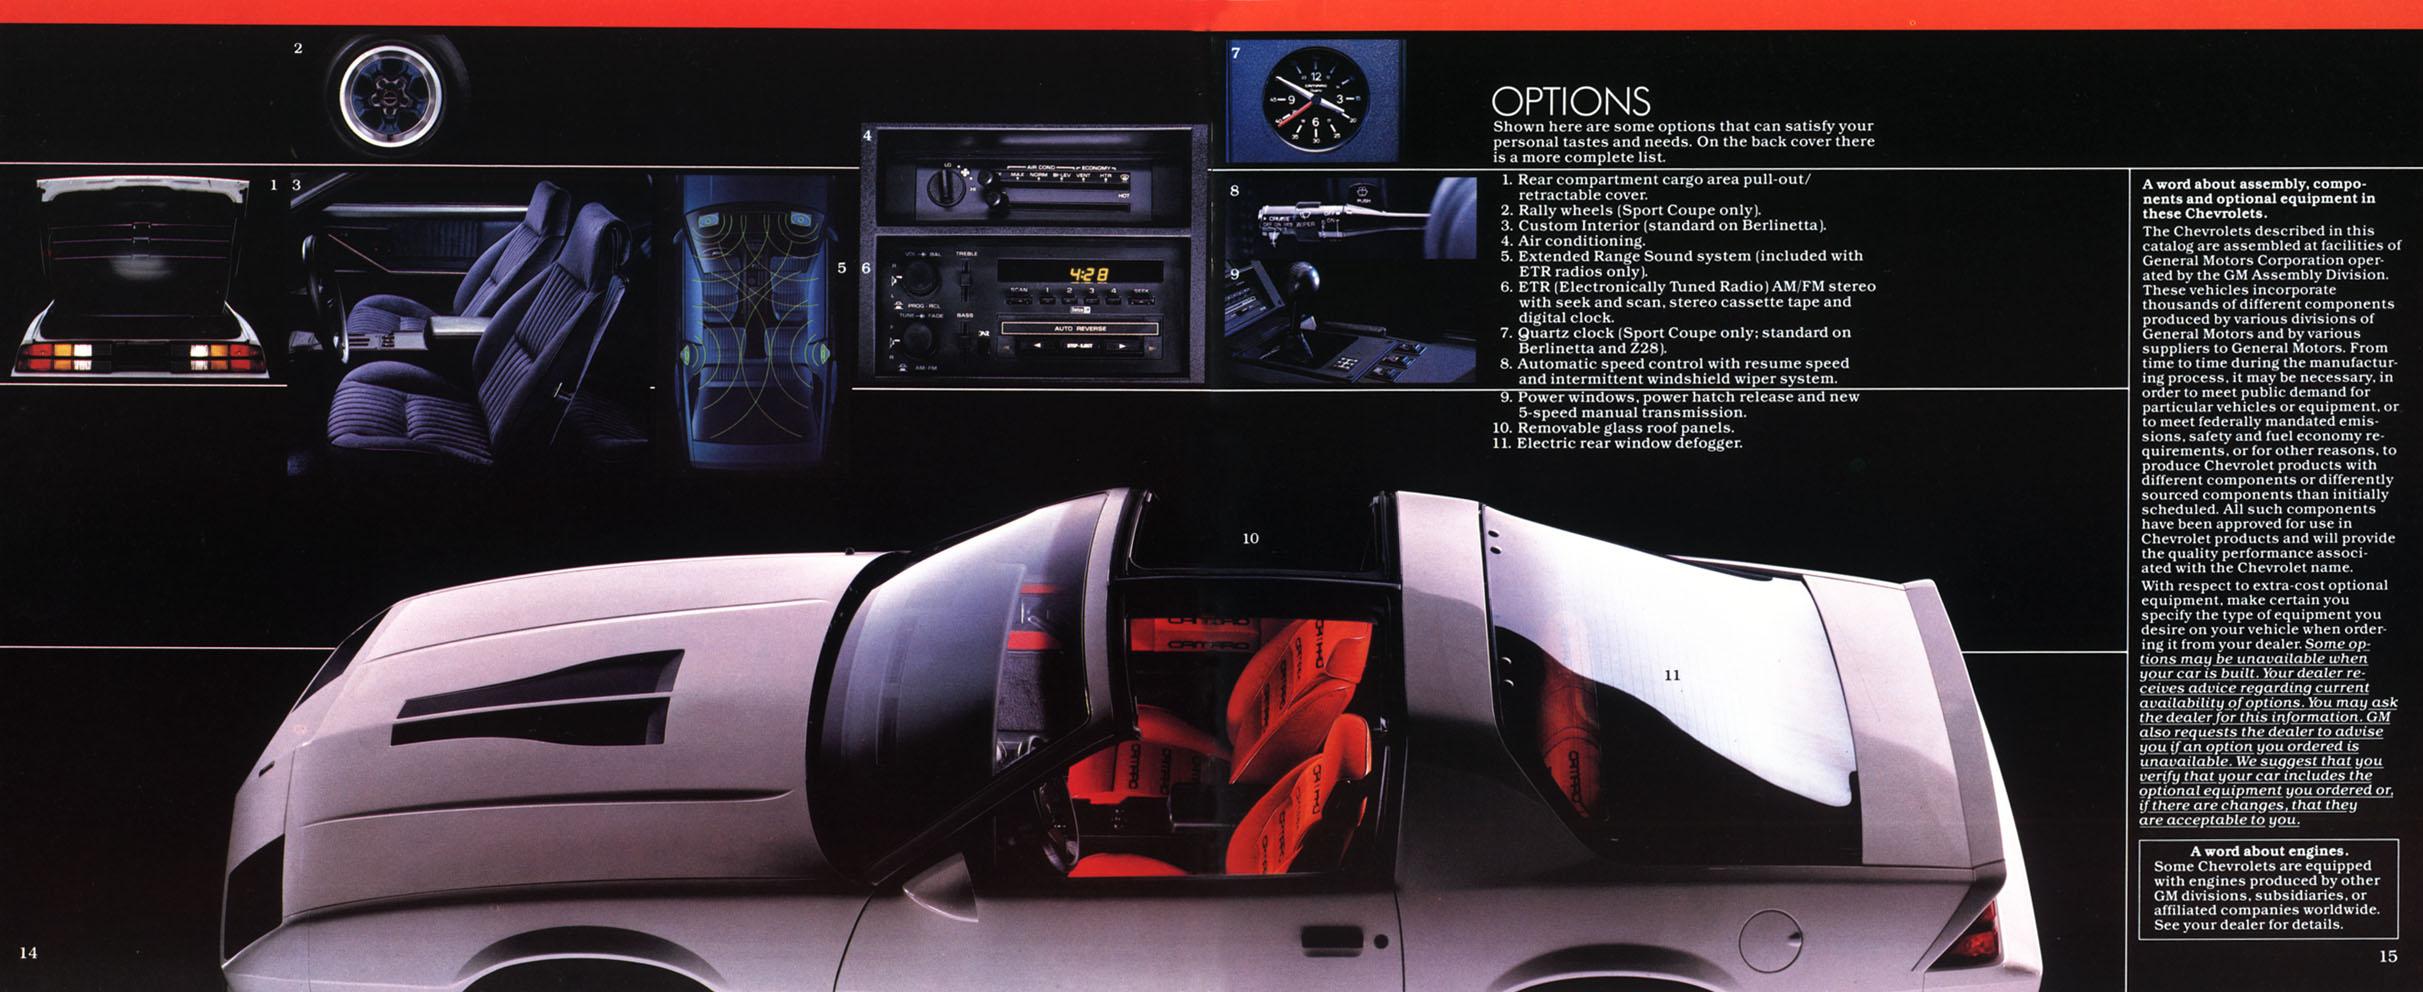 1983 Camaro OEM Brochure (8)